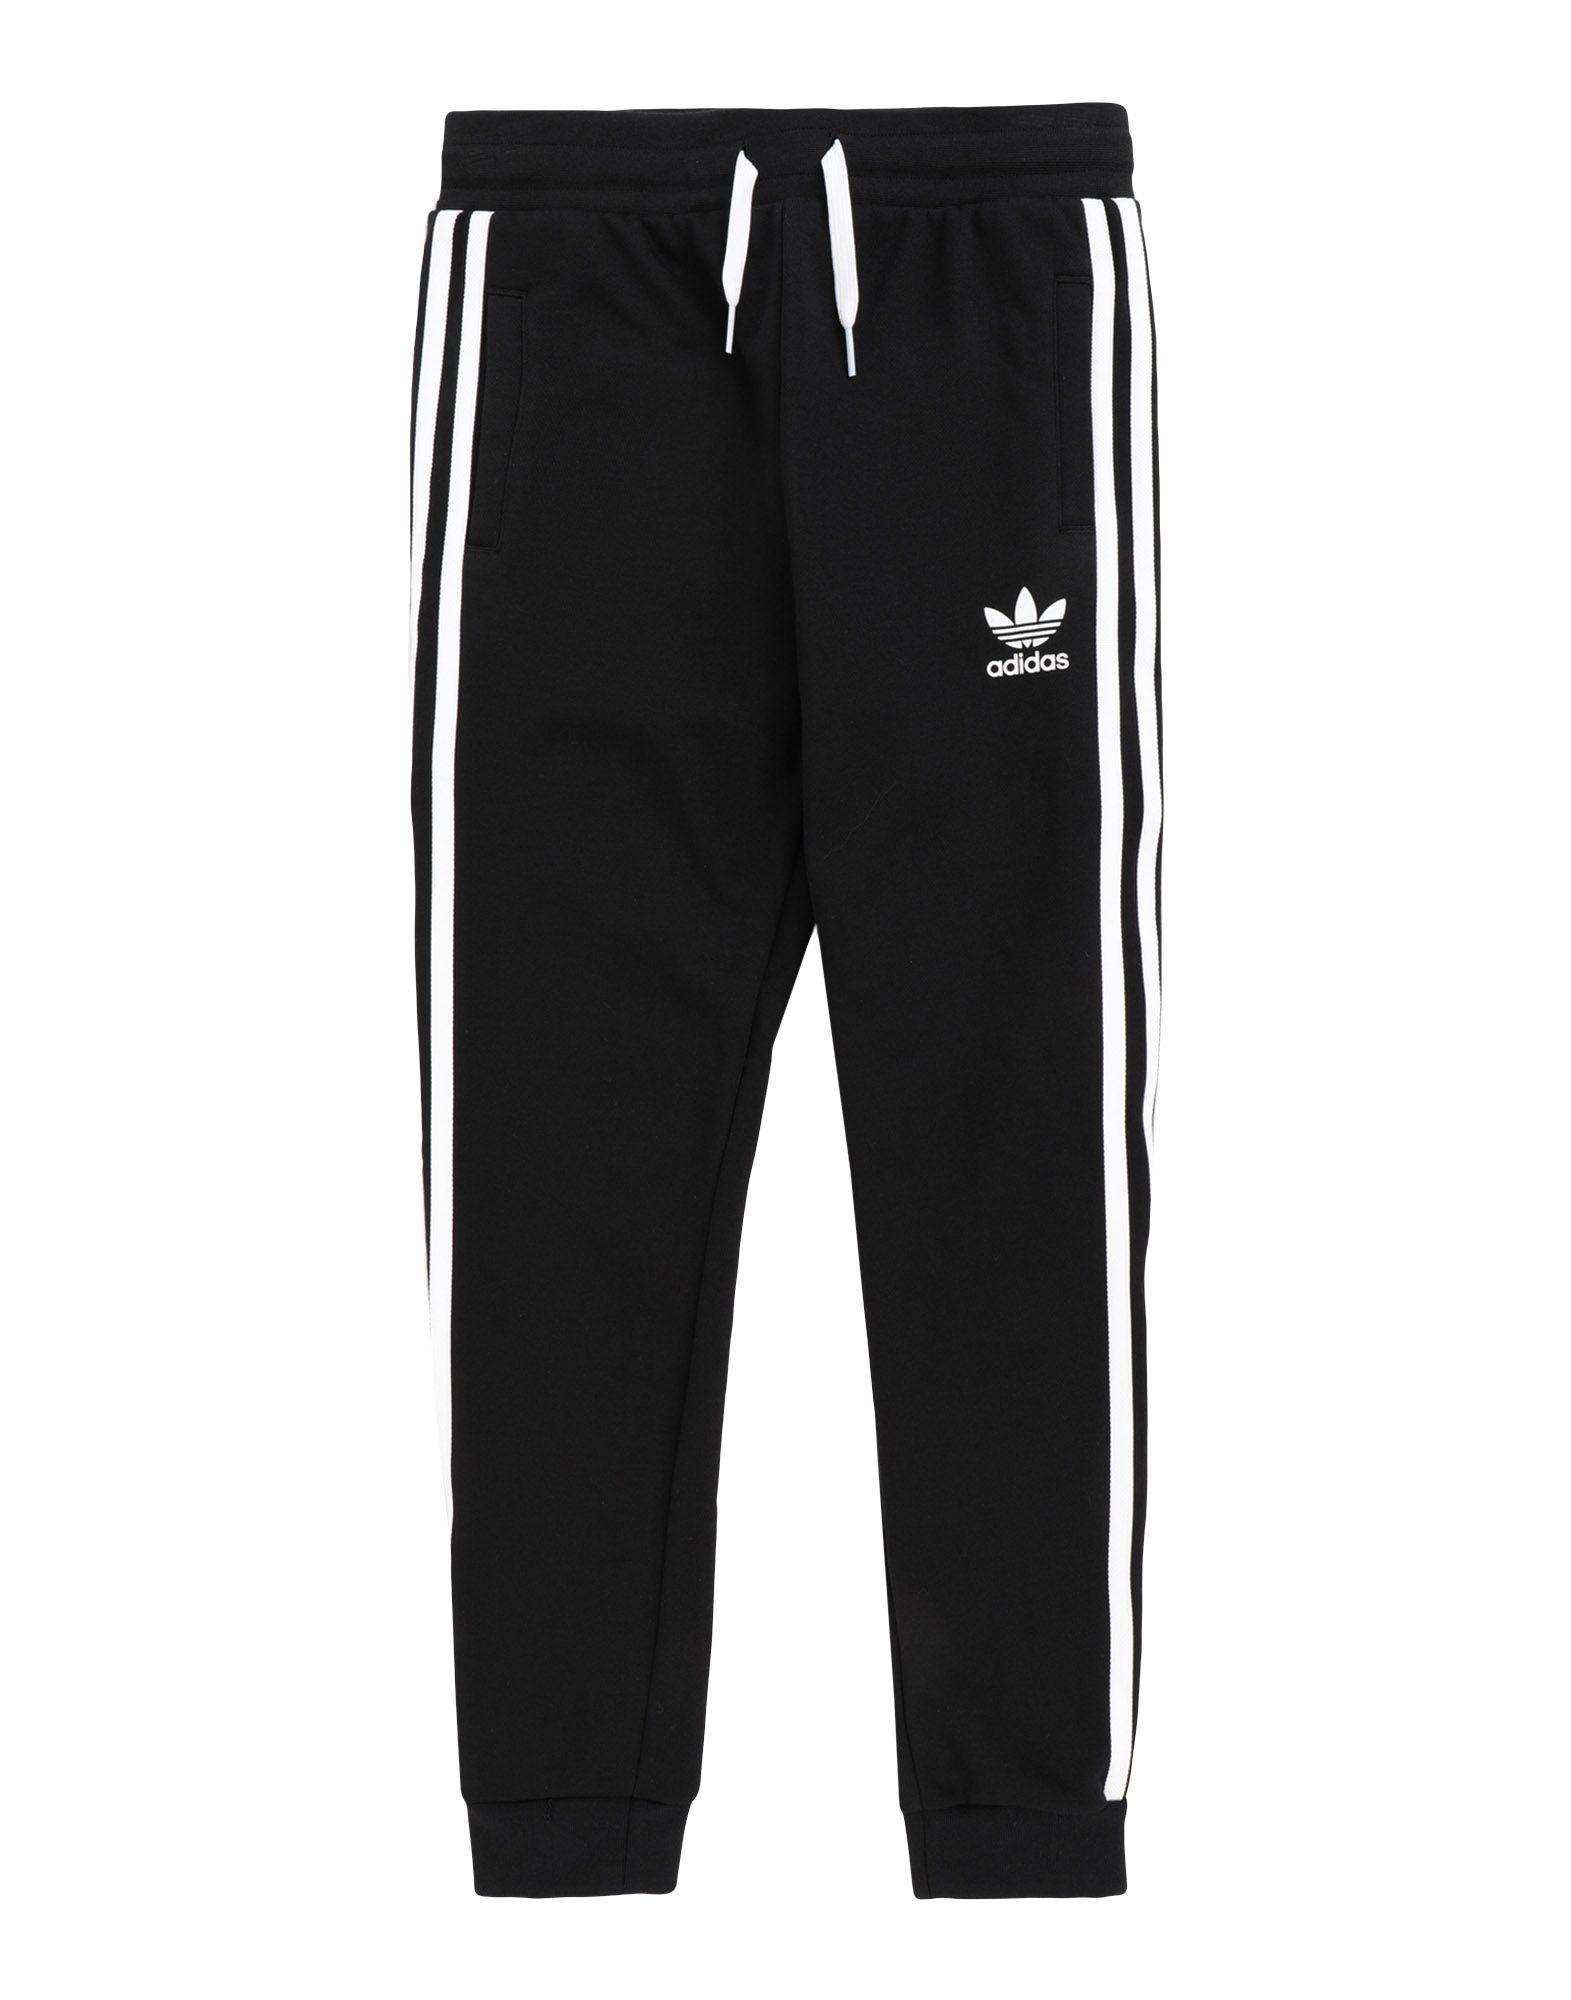 ADIDAS ORIGINALS ボーイズ パンツ TREFOIL PANTS ブラック